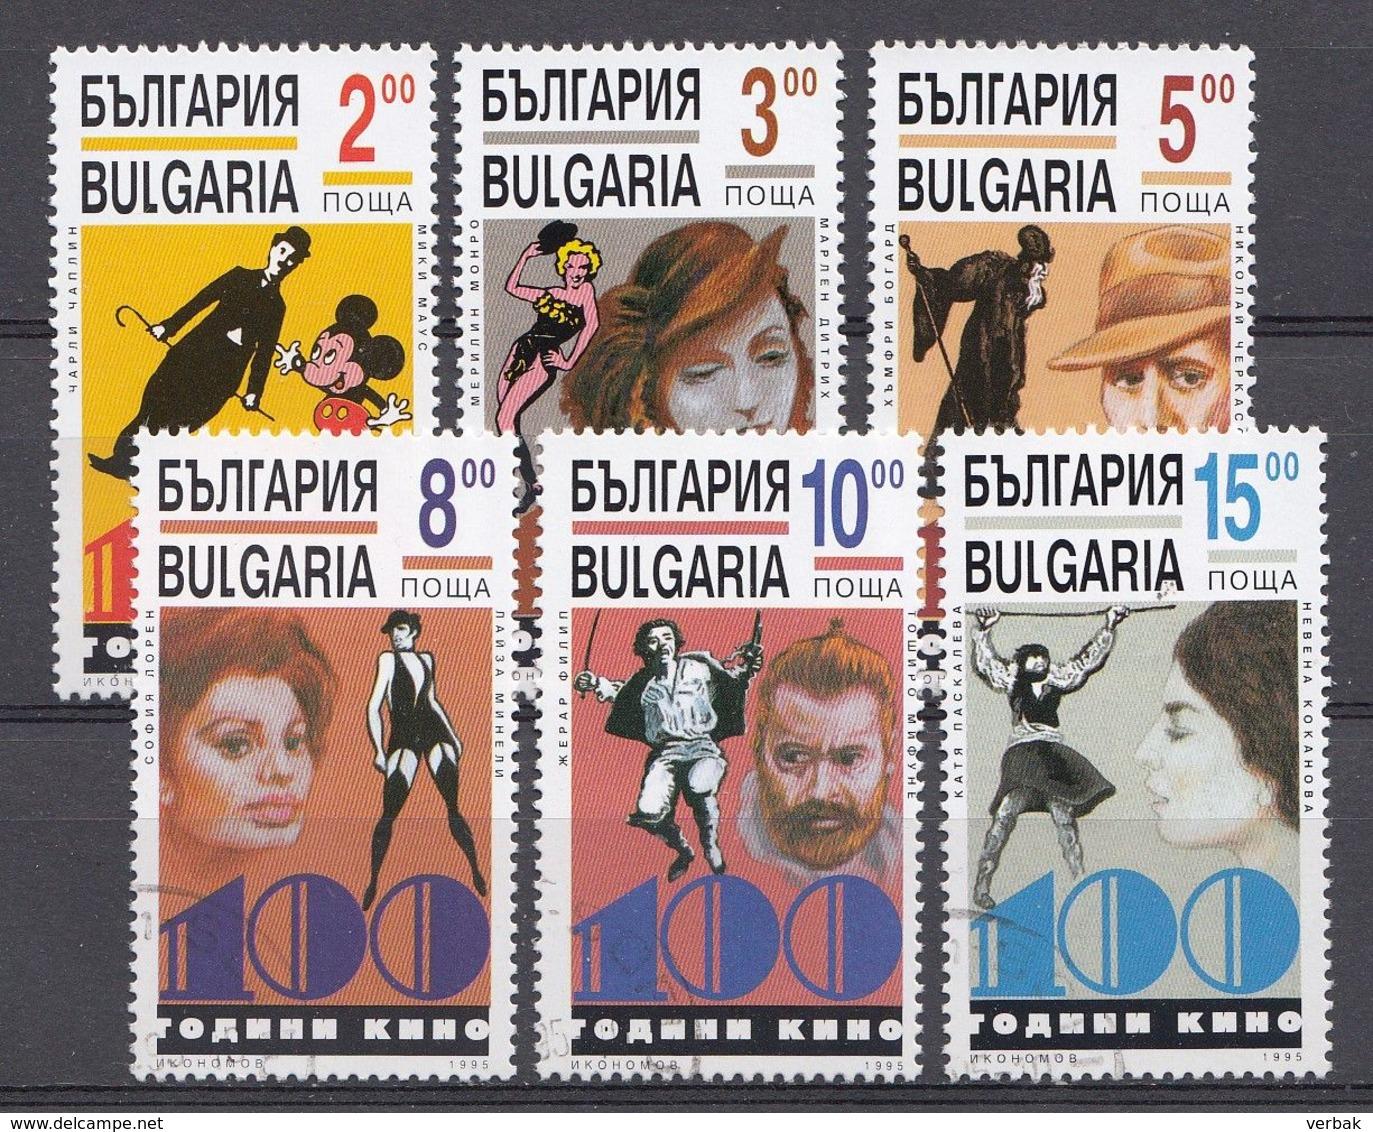 BULGARIEN / BULGARIJE MI.NR.4184-4189  Cino Film  USED / GEBRUIKT / OBLITERE 1995 - Usati